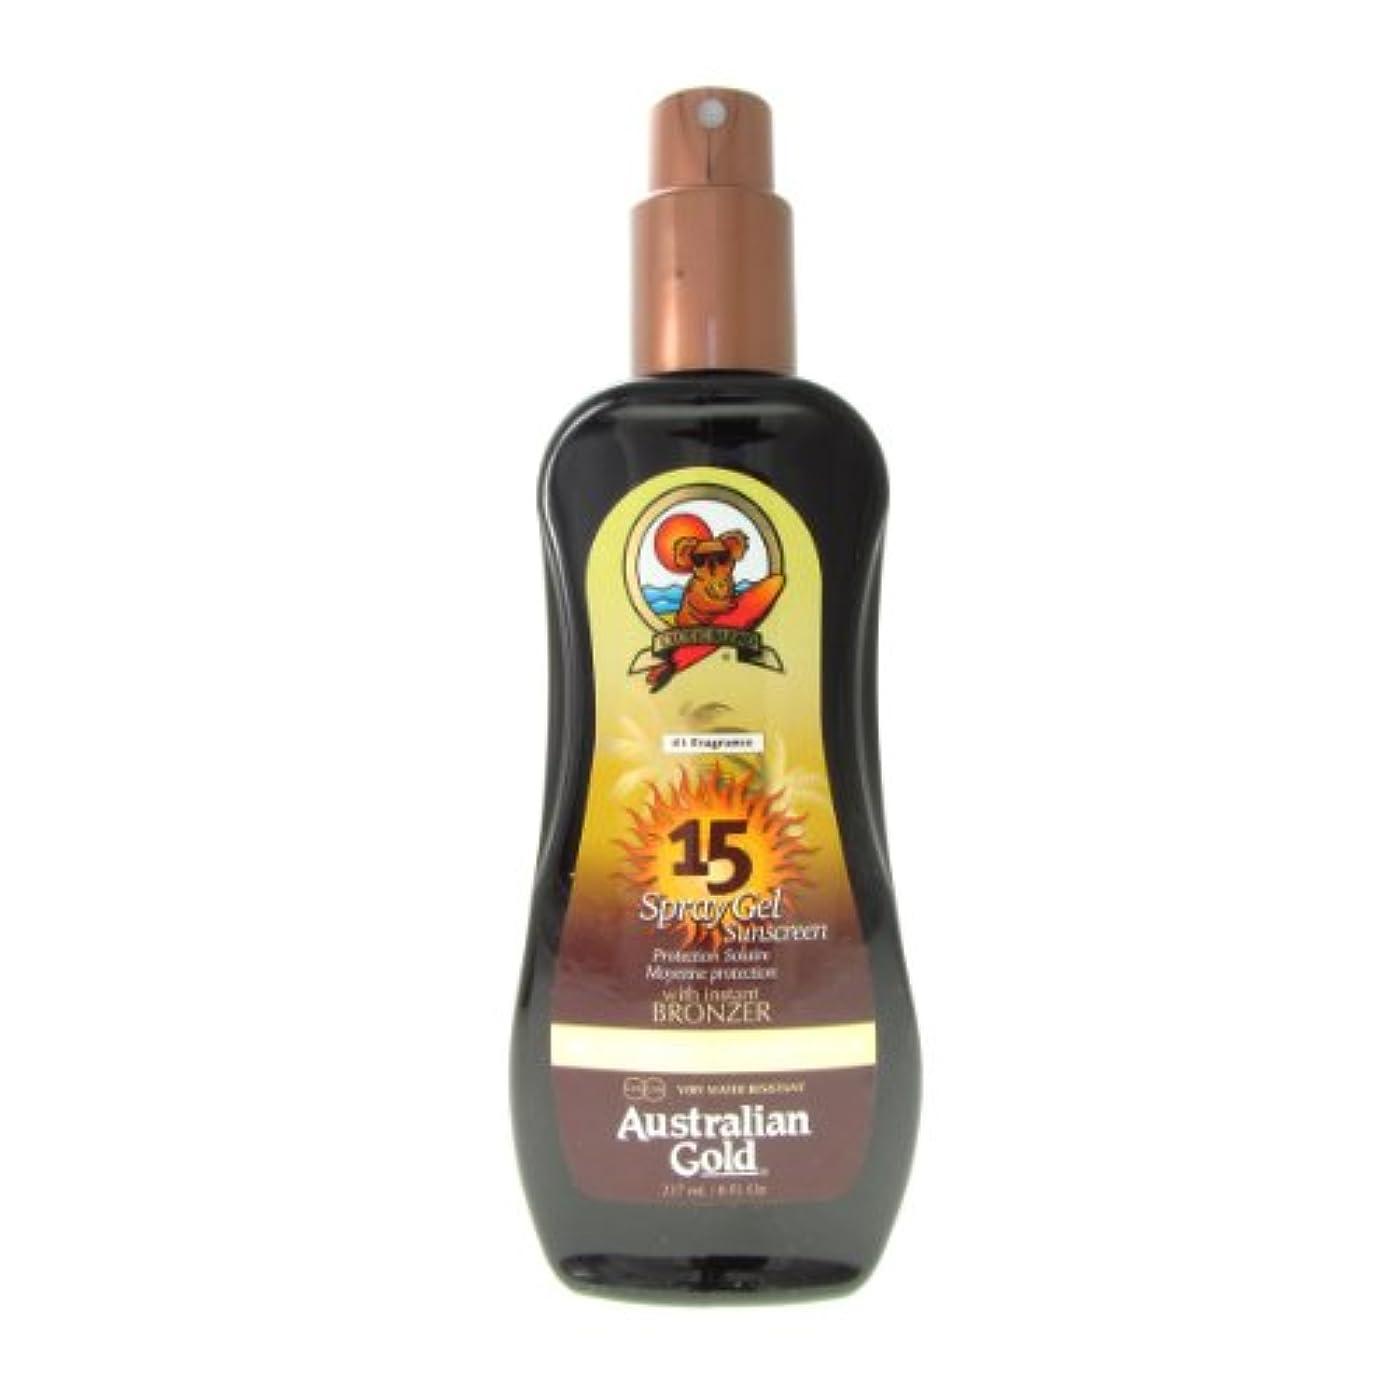 鈍い差別石鹸Australian Gold Spray Gel Spf15 Instant Bronzer 237ml [並行輸入品]